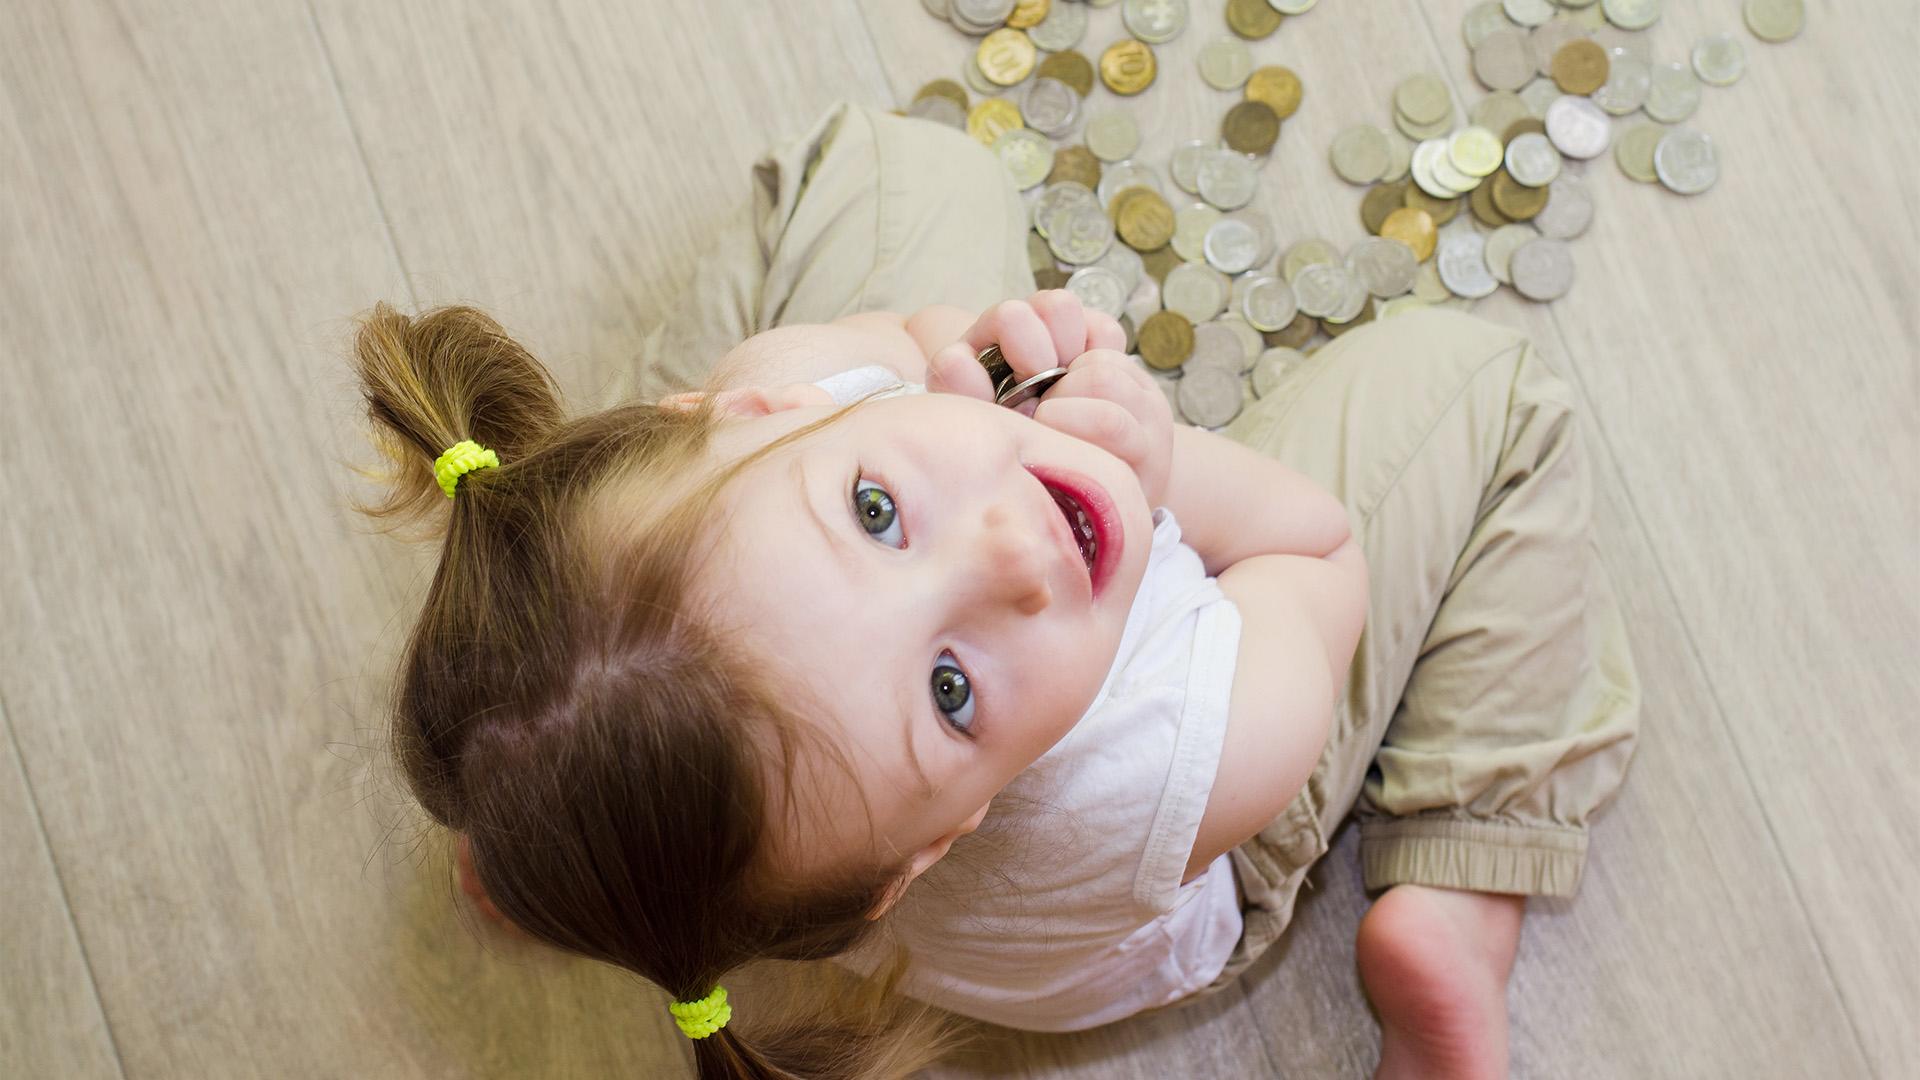 csernok miklós következetesség pénz pénzügyek pénzügyi nevelés pénzzavar ványik dóra zsebpénz